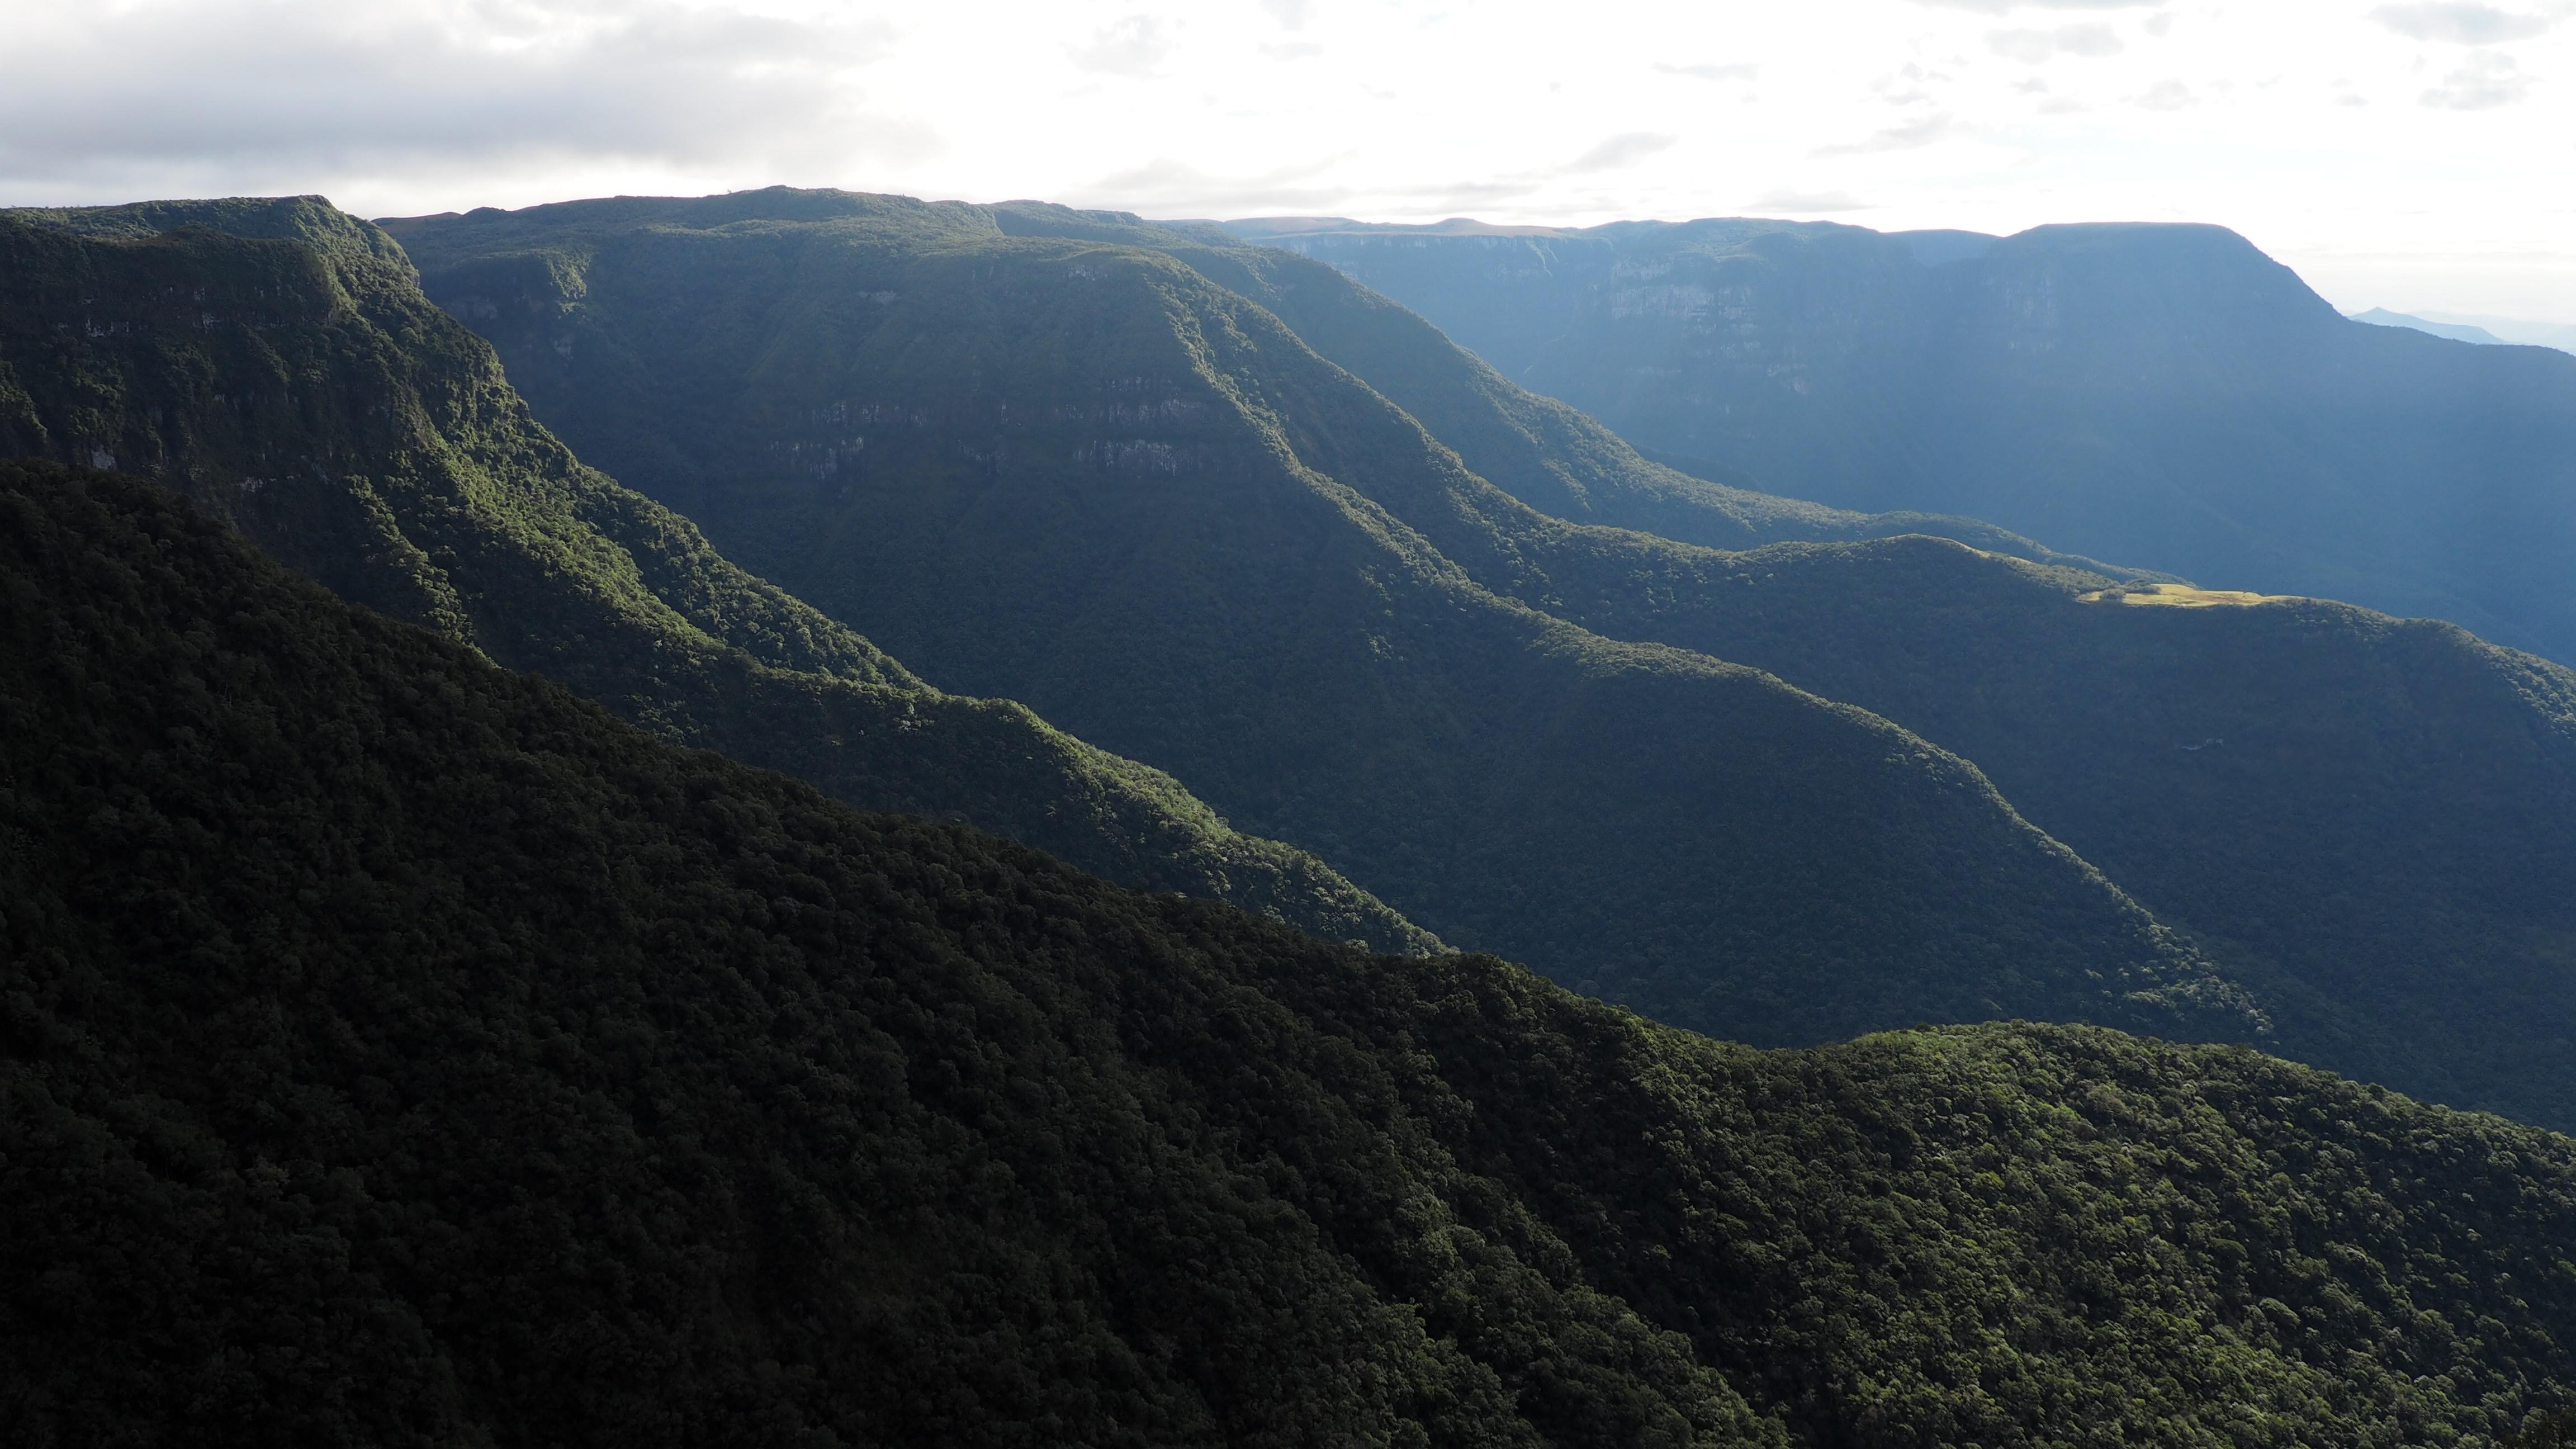 Vista de Aparados da Serra, cómo llegar al cañón de Itaimbezinho